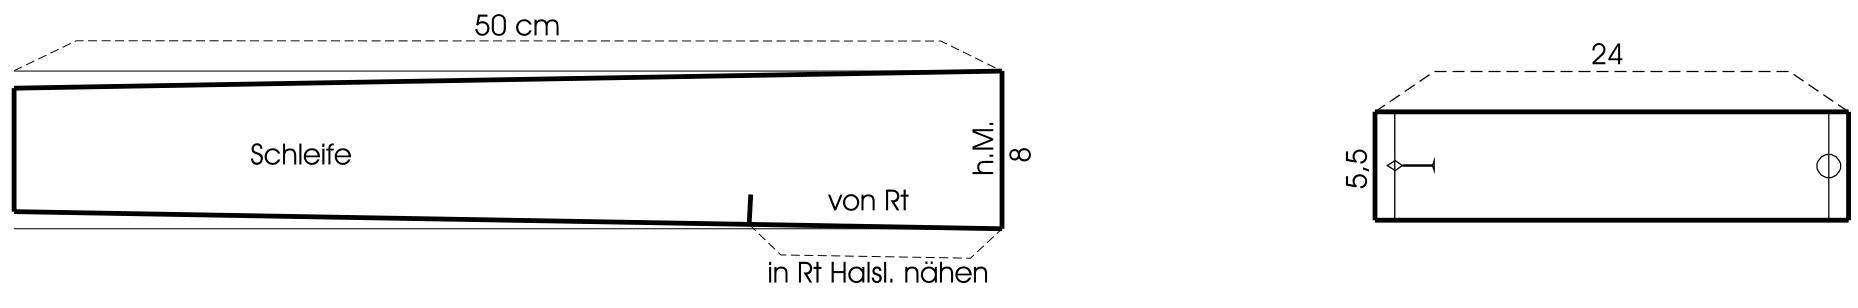 Die Abbildung zeigt die Schnitt-Technik eines Kragens und einer Manschette für Große Größen.